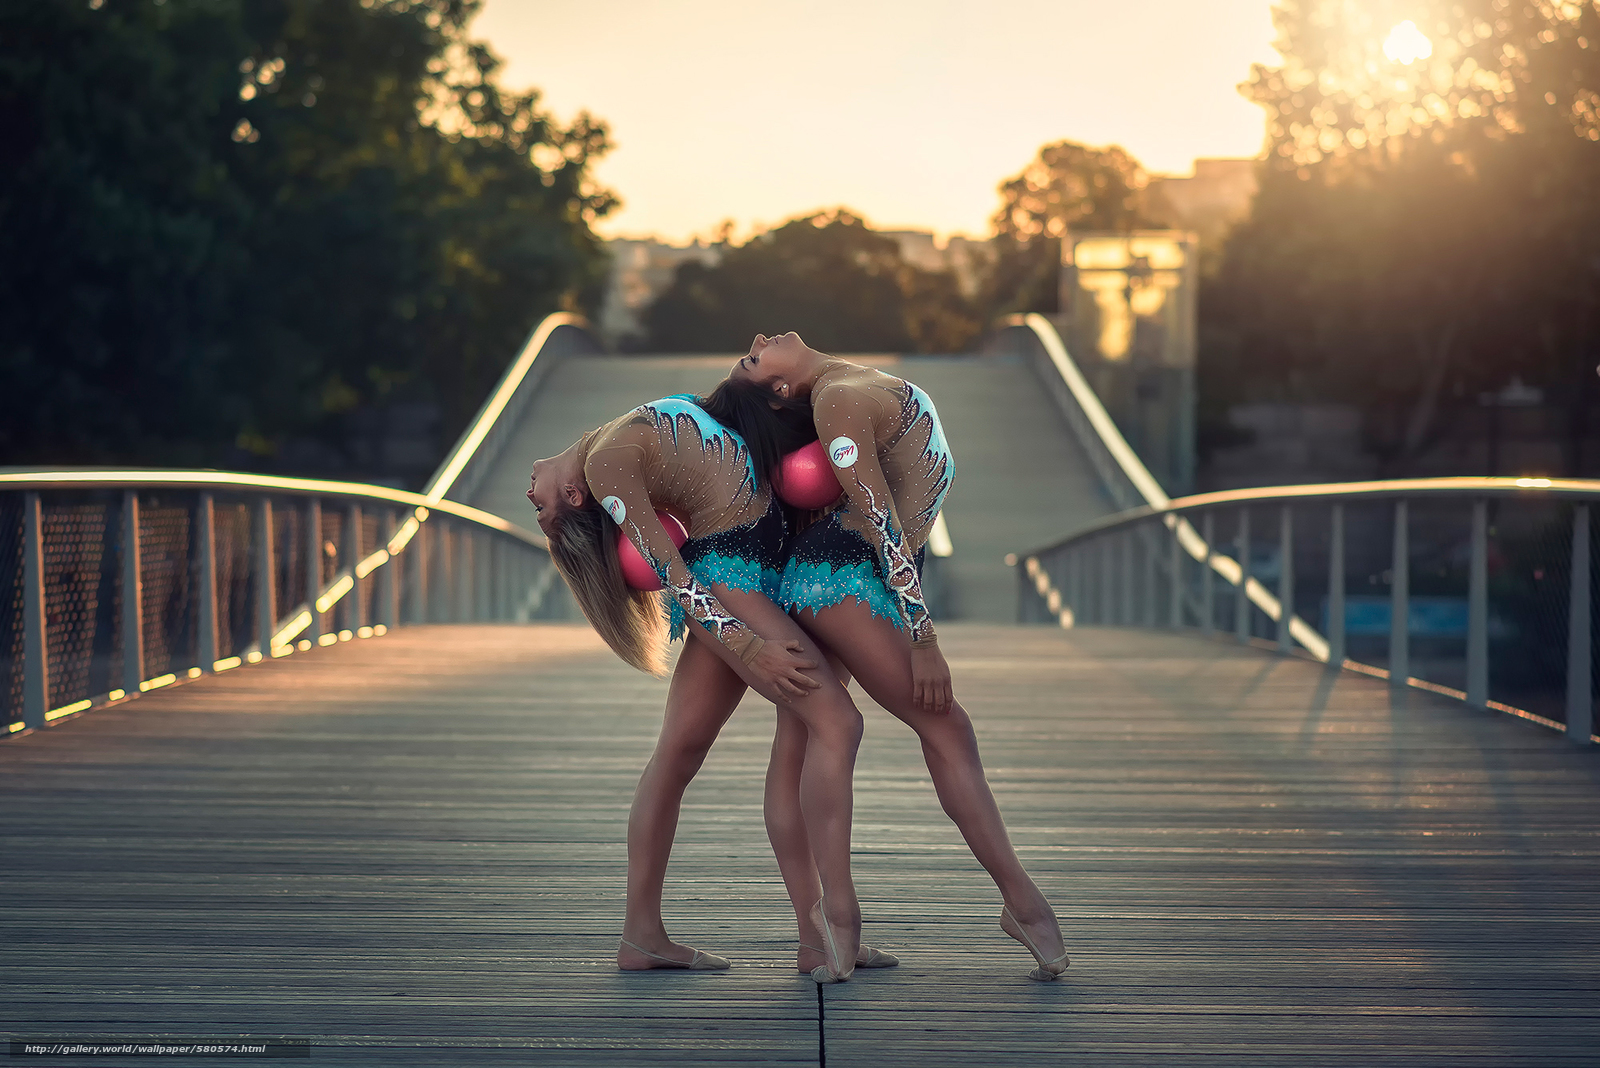 С гимнастками фото 17 фотография